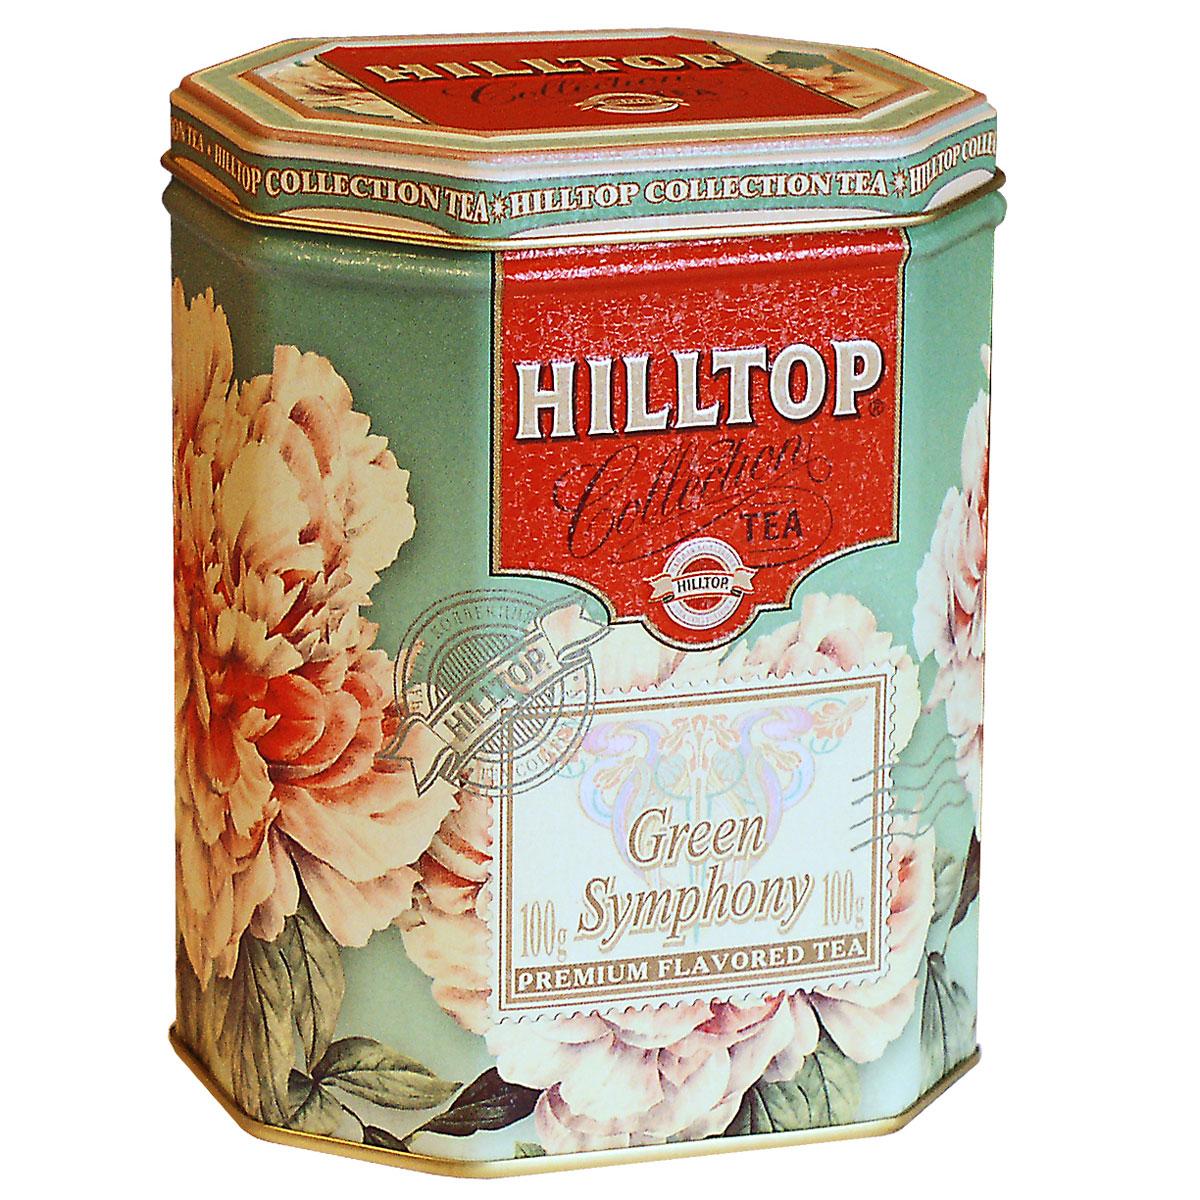 Hilltop Зеленая симфония зеленый листовой чай, 100 г4607099300309Hilltop Зеленая симфония - свежий зеленый китайский чай Сенча с лепестками календулы и мальвы.